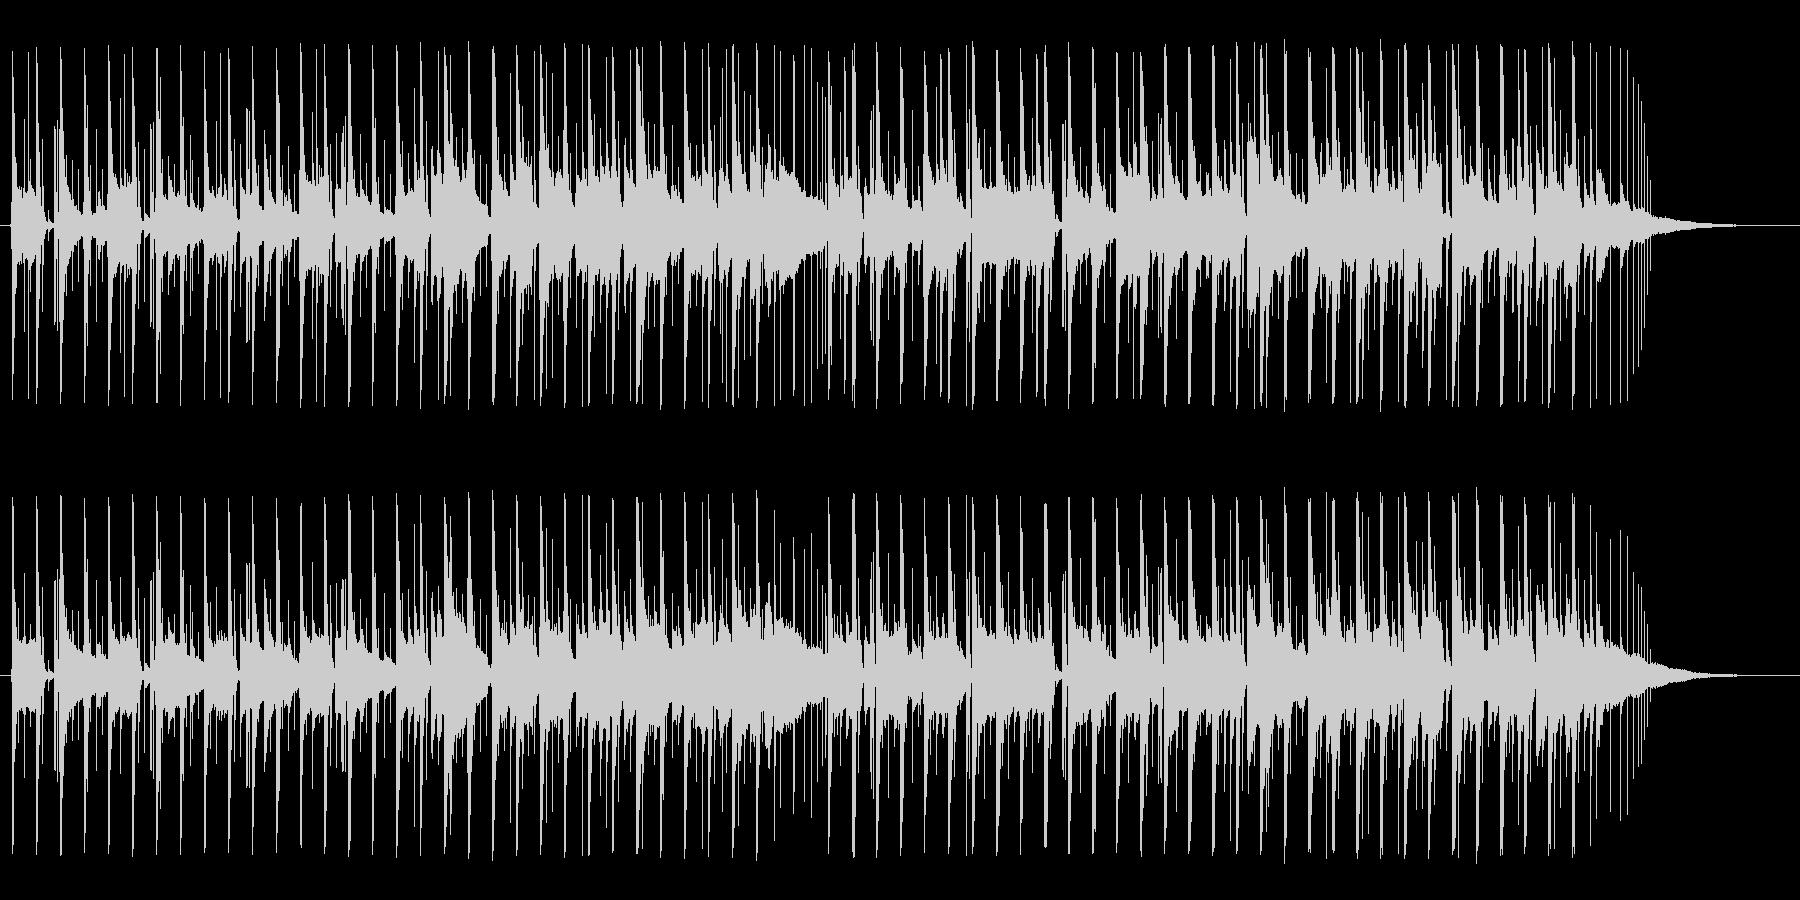 ほのぼの明るいアコースティックBGMの未再生の波形